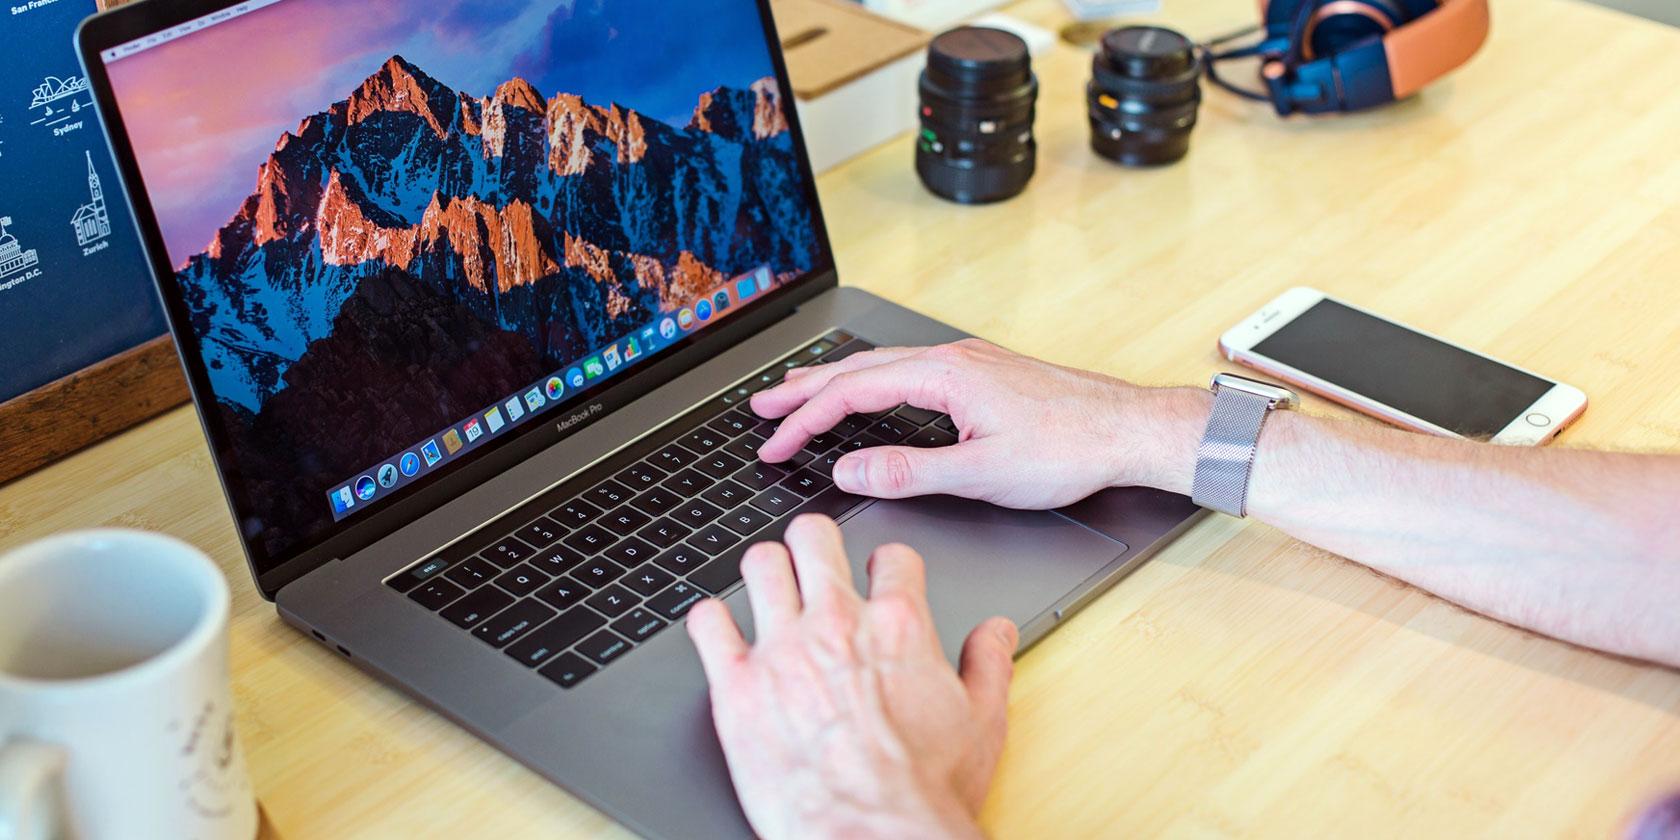 Как упорядочить элементы в строке меню macOS